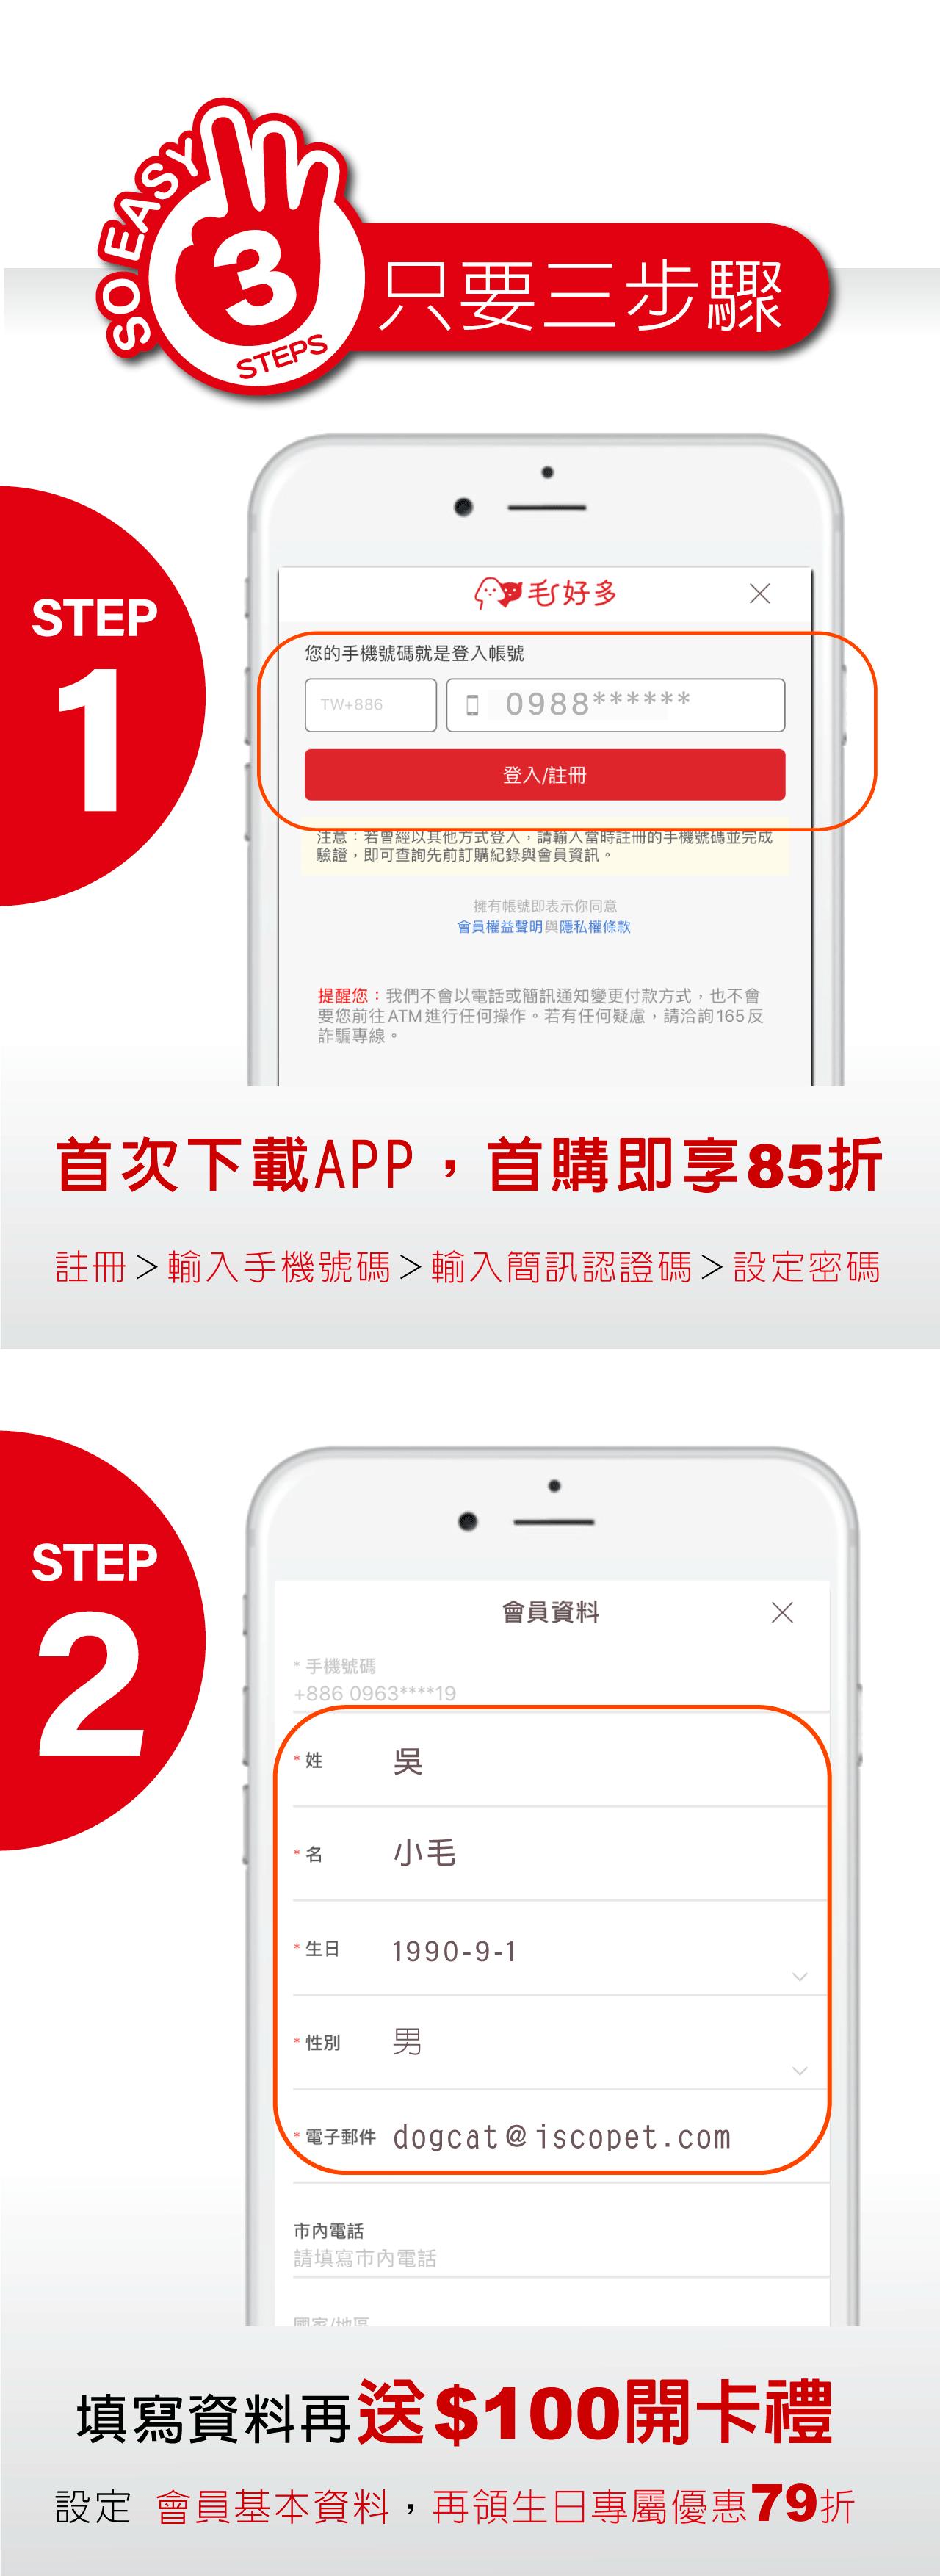 STEP1 首次下載APP,首購即享85折-1